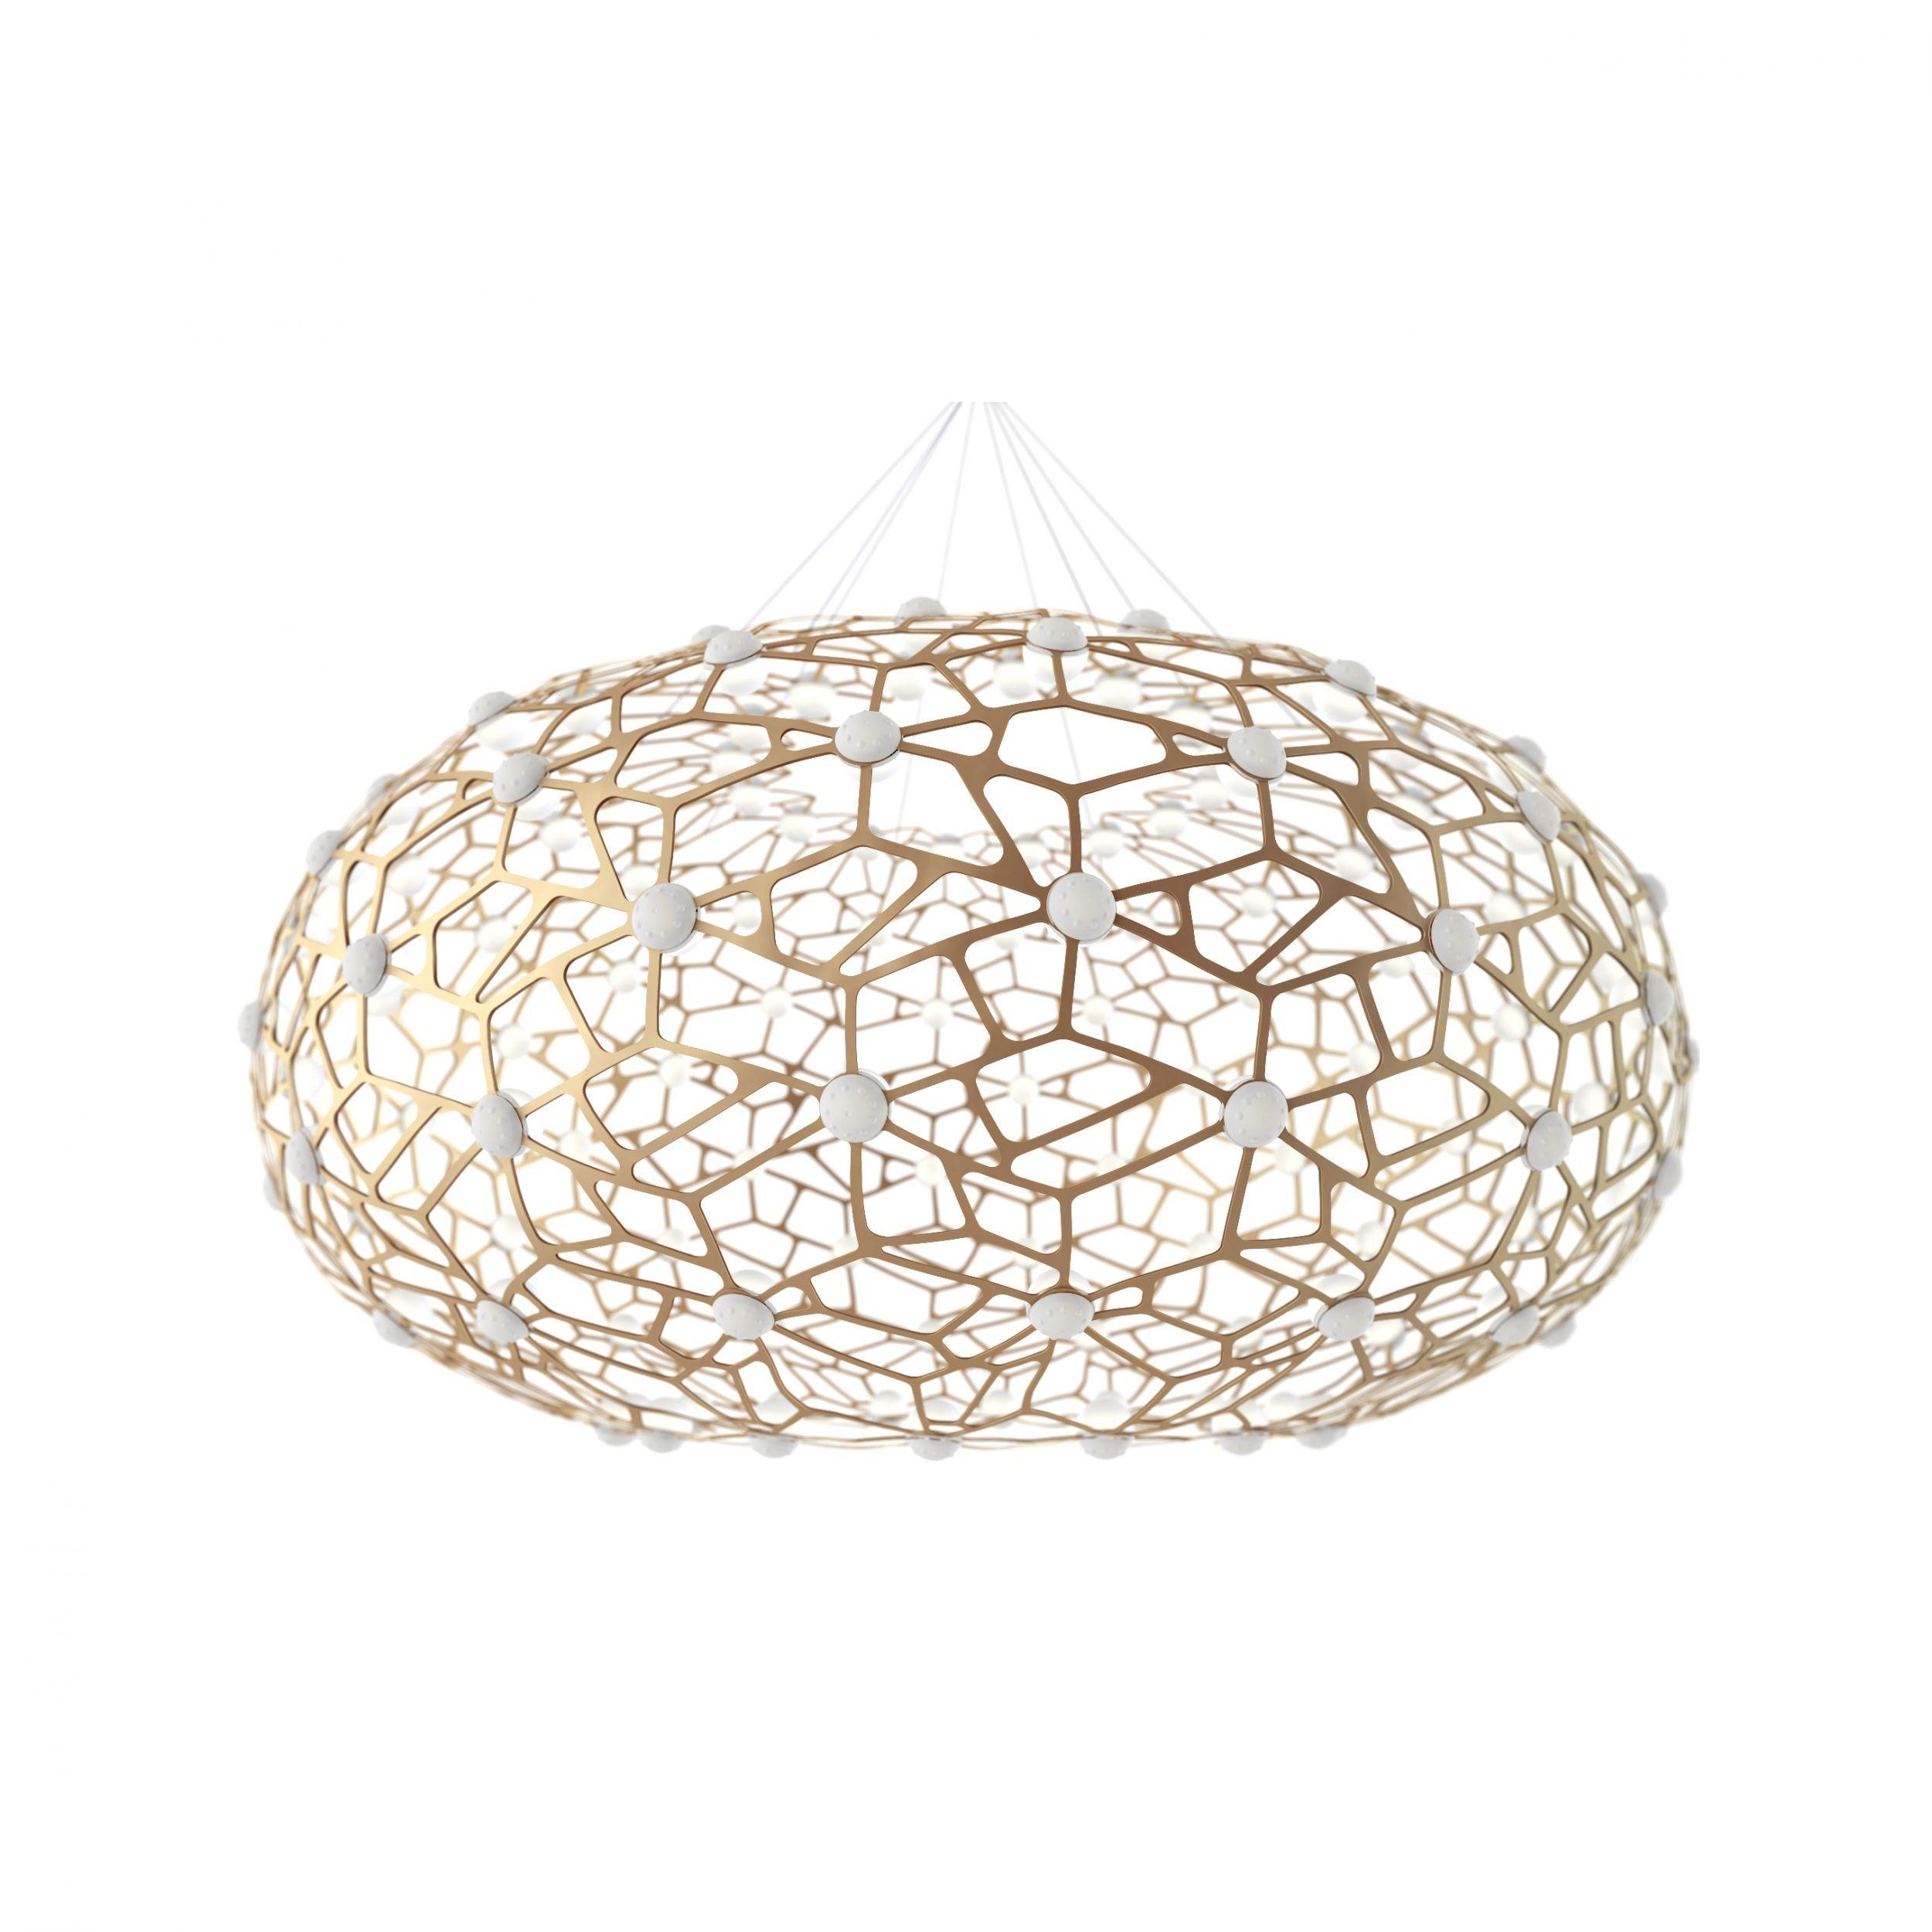 Busk Lamp by Frank Tjepkema